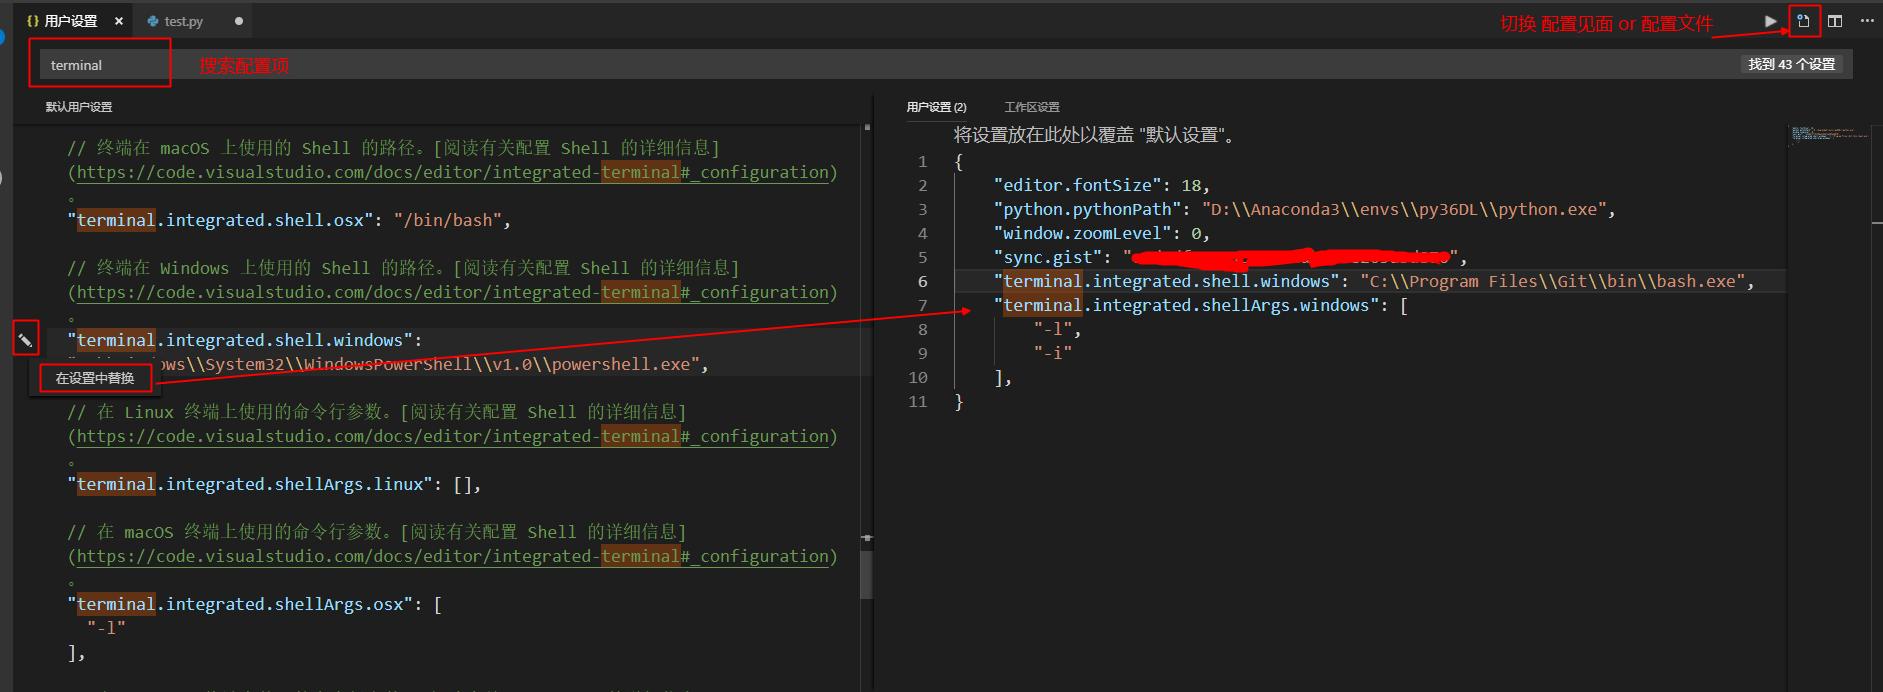 vscode-settings